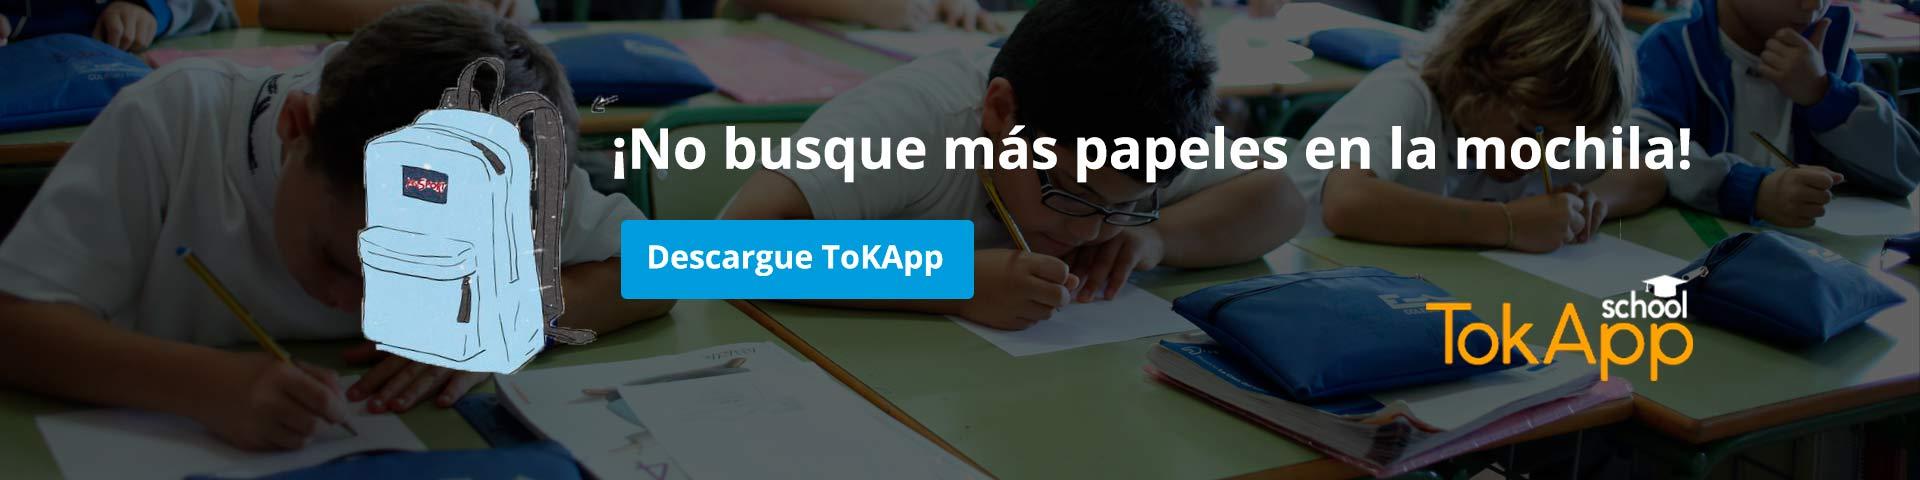 banner-tokapp-1